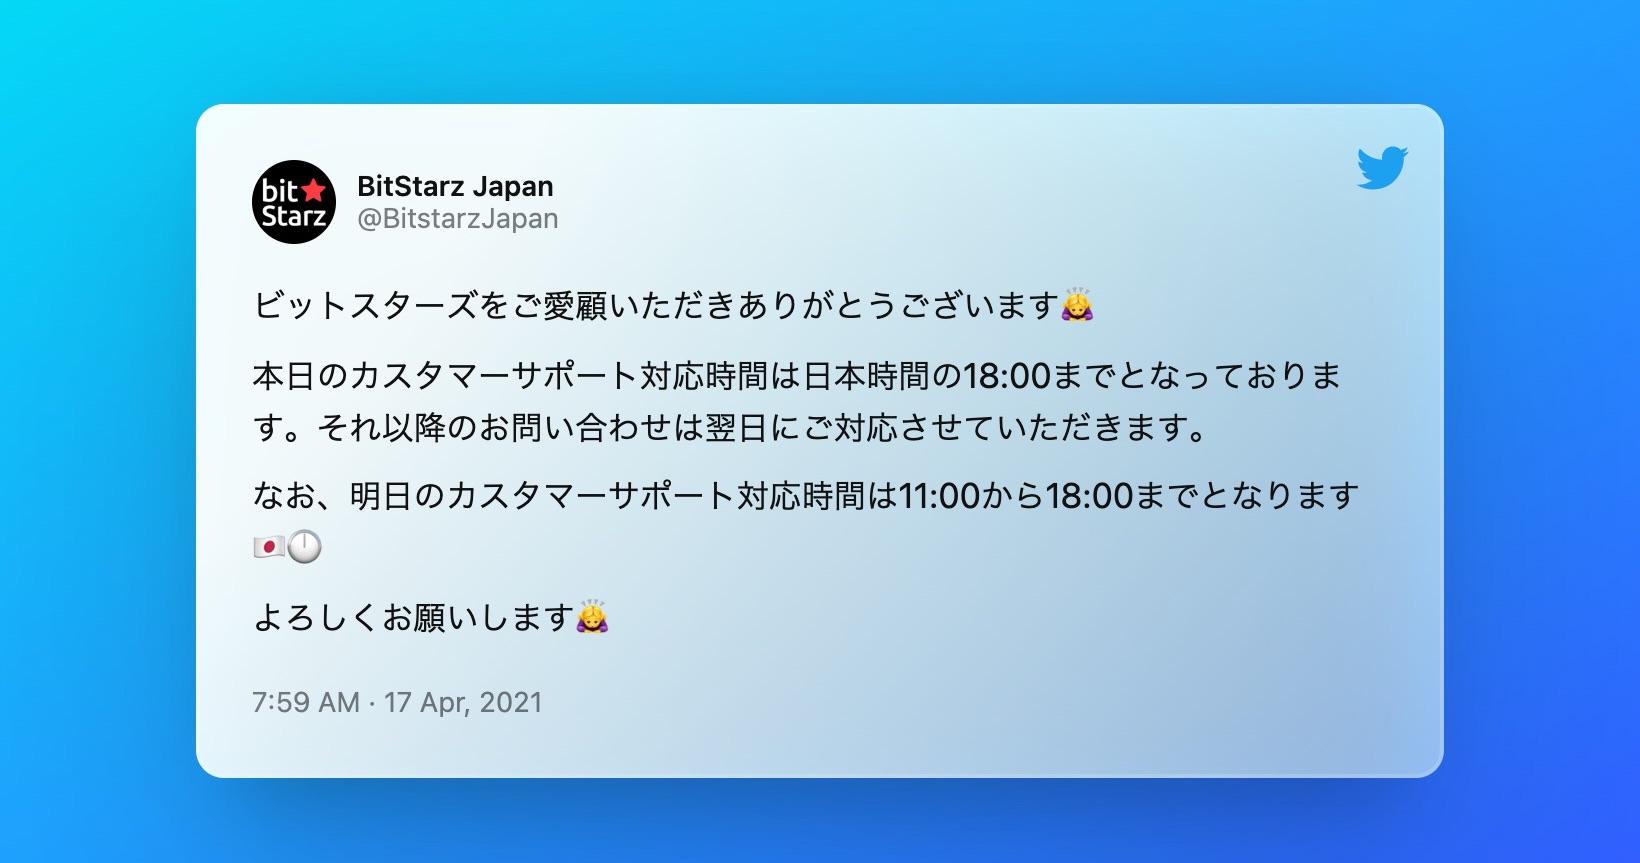 BitStarzの公式Twitter